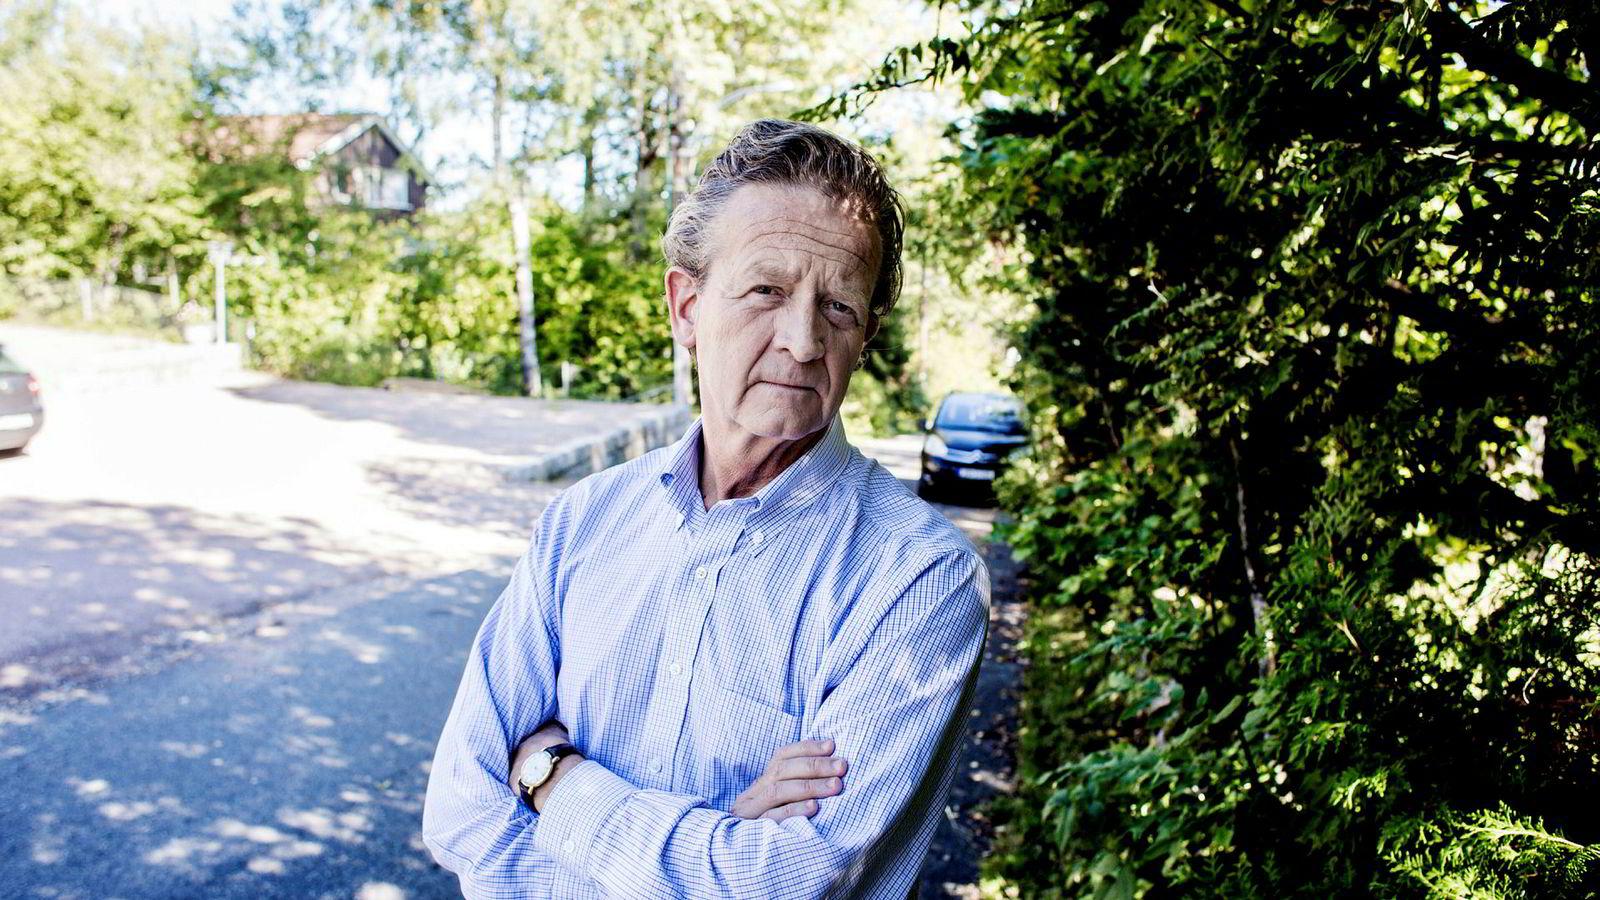 – Han vil tydeligvis ikke ha meg der, sier Hans Geelmuyden, som ikke får komme på Kruse Larsens sommerfest etter en rekke verbale dueller mellom de to pr-toppene.